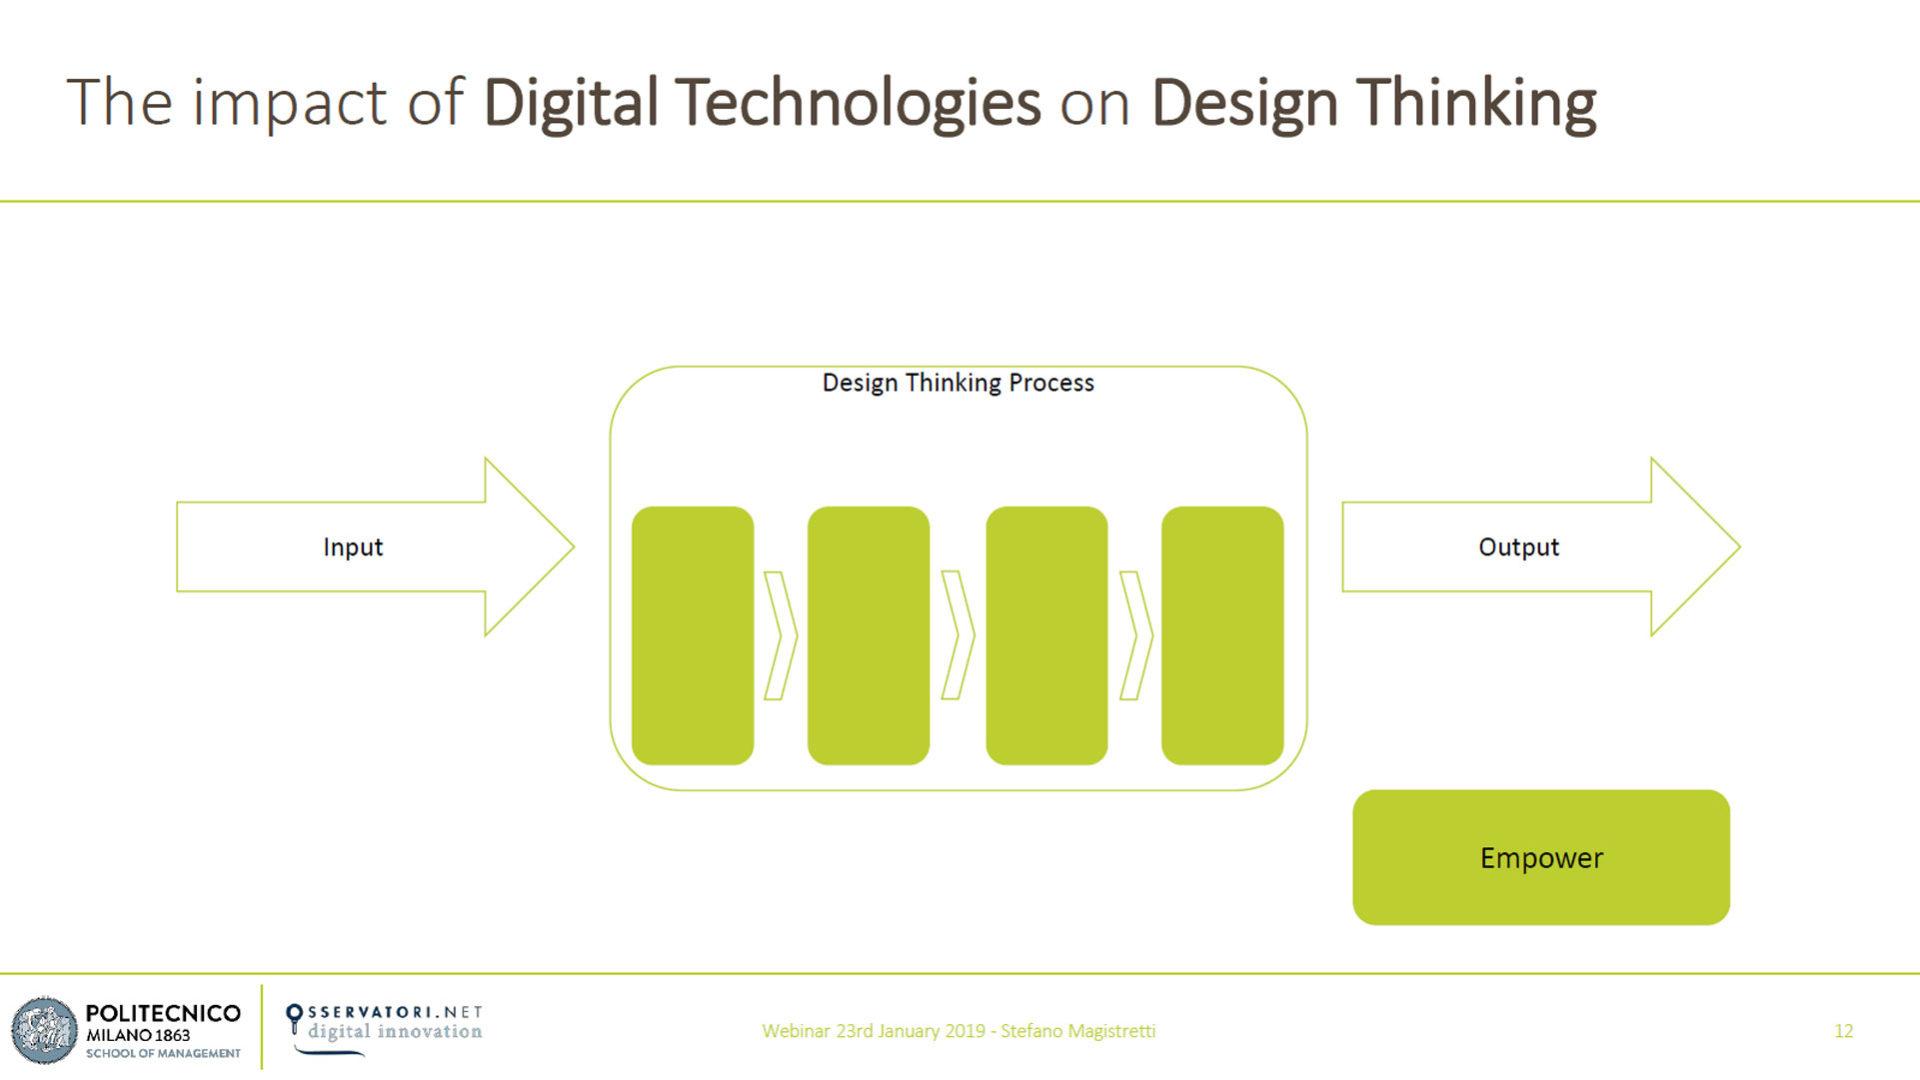 Figura 2 - L'impatto delle tecnologie digitali sul Design Thinking - Fonte: Osservatori Digital Innovation del Politecnico di Milano